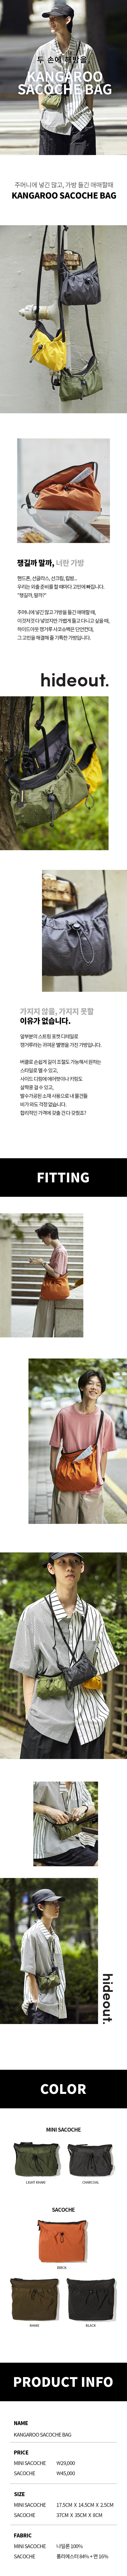 하이드아웃(HIDEOUT) KANGAROO SACOCHE BAG 캥거루 사코슈백 (brick)_HNBDX20302BRI